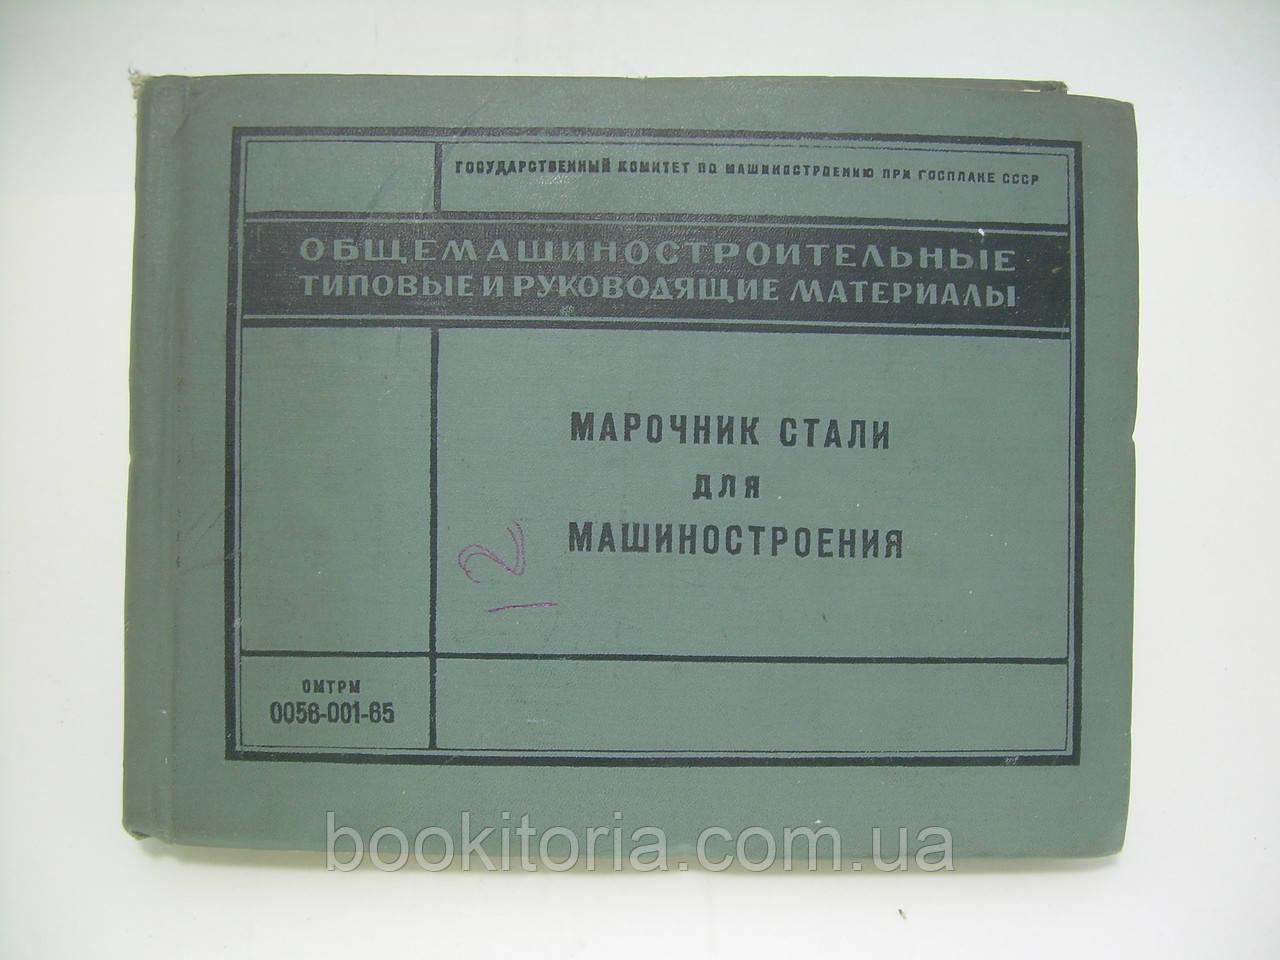 Марочник стали для машиностроения (б/у).